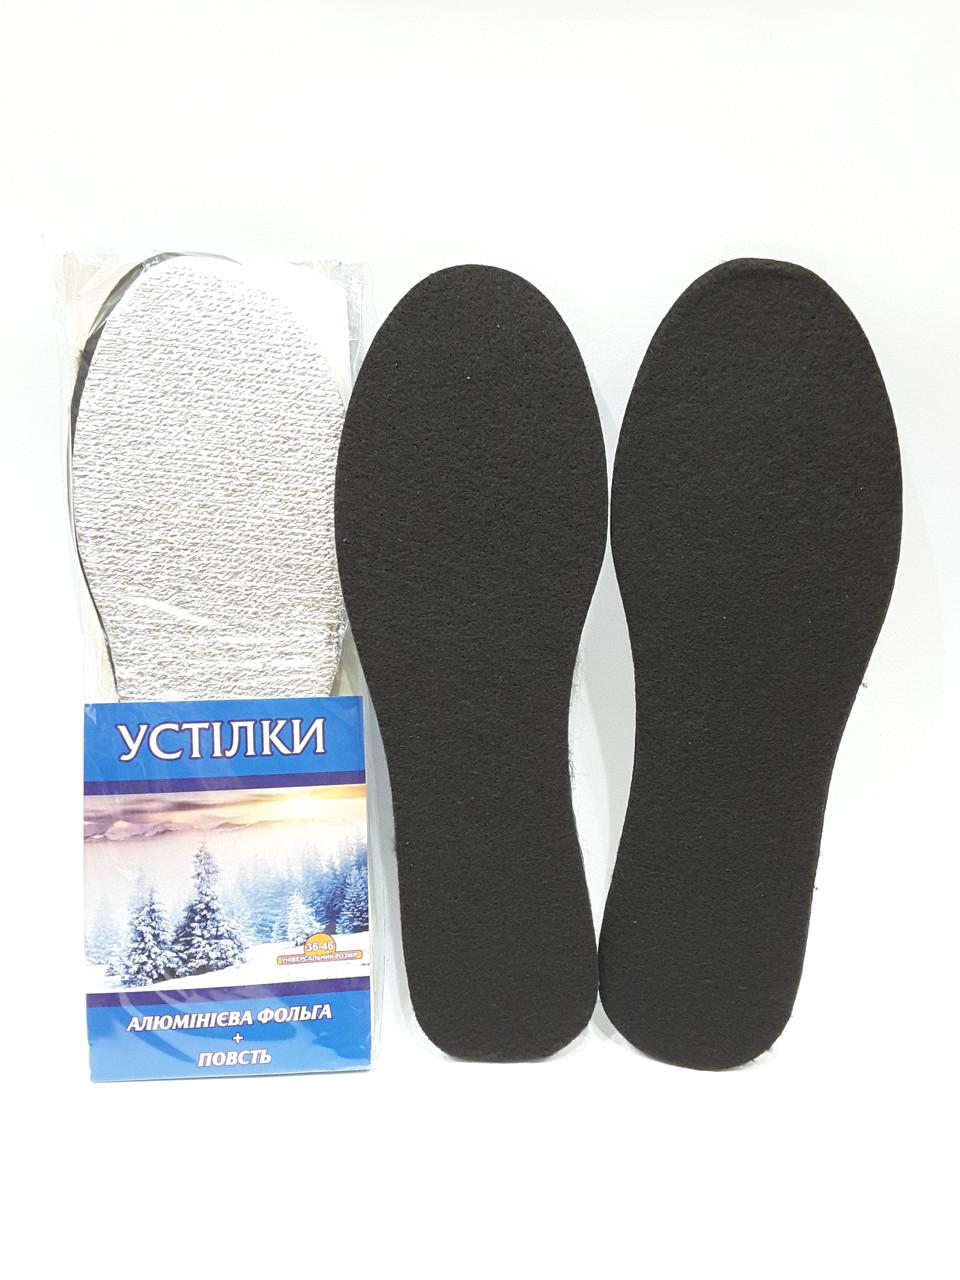 Стельки для обуви Алюминиевая фольга + Войлок